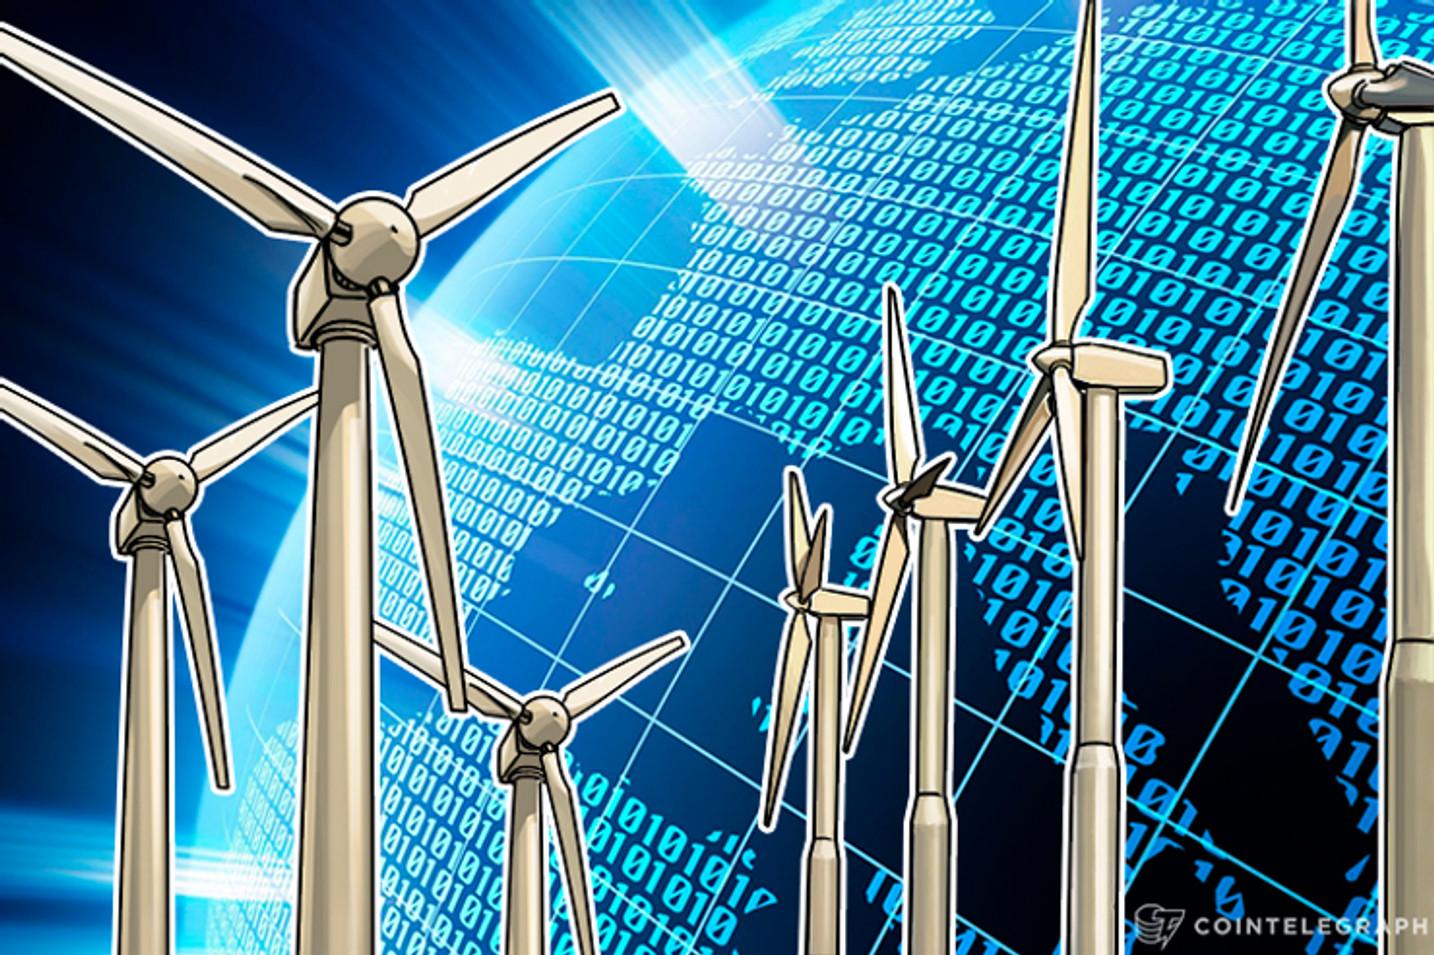 España: El Centro Nacional de Energías Renovables desarrolla plataforma blockchain para soluciones en el sector